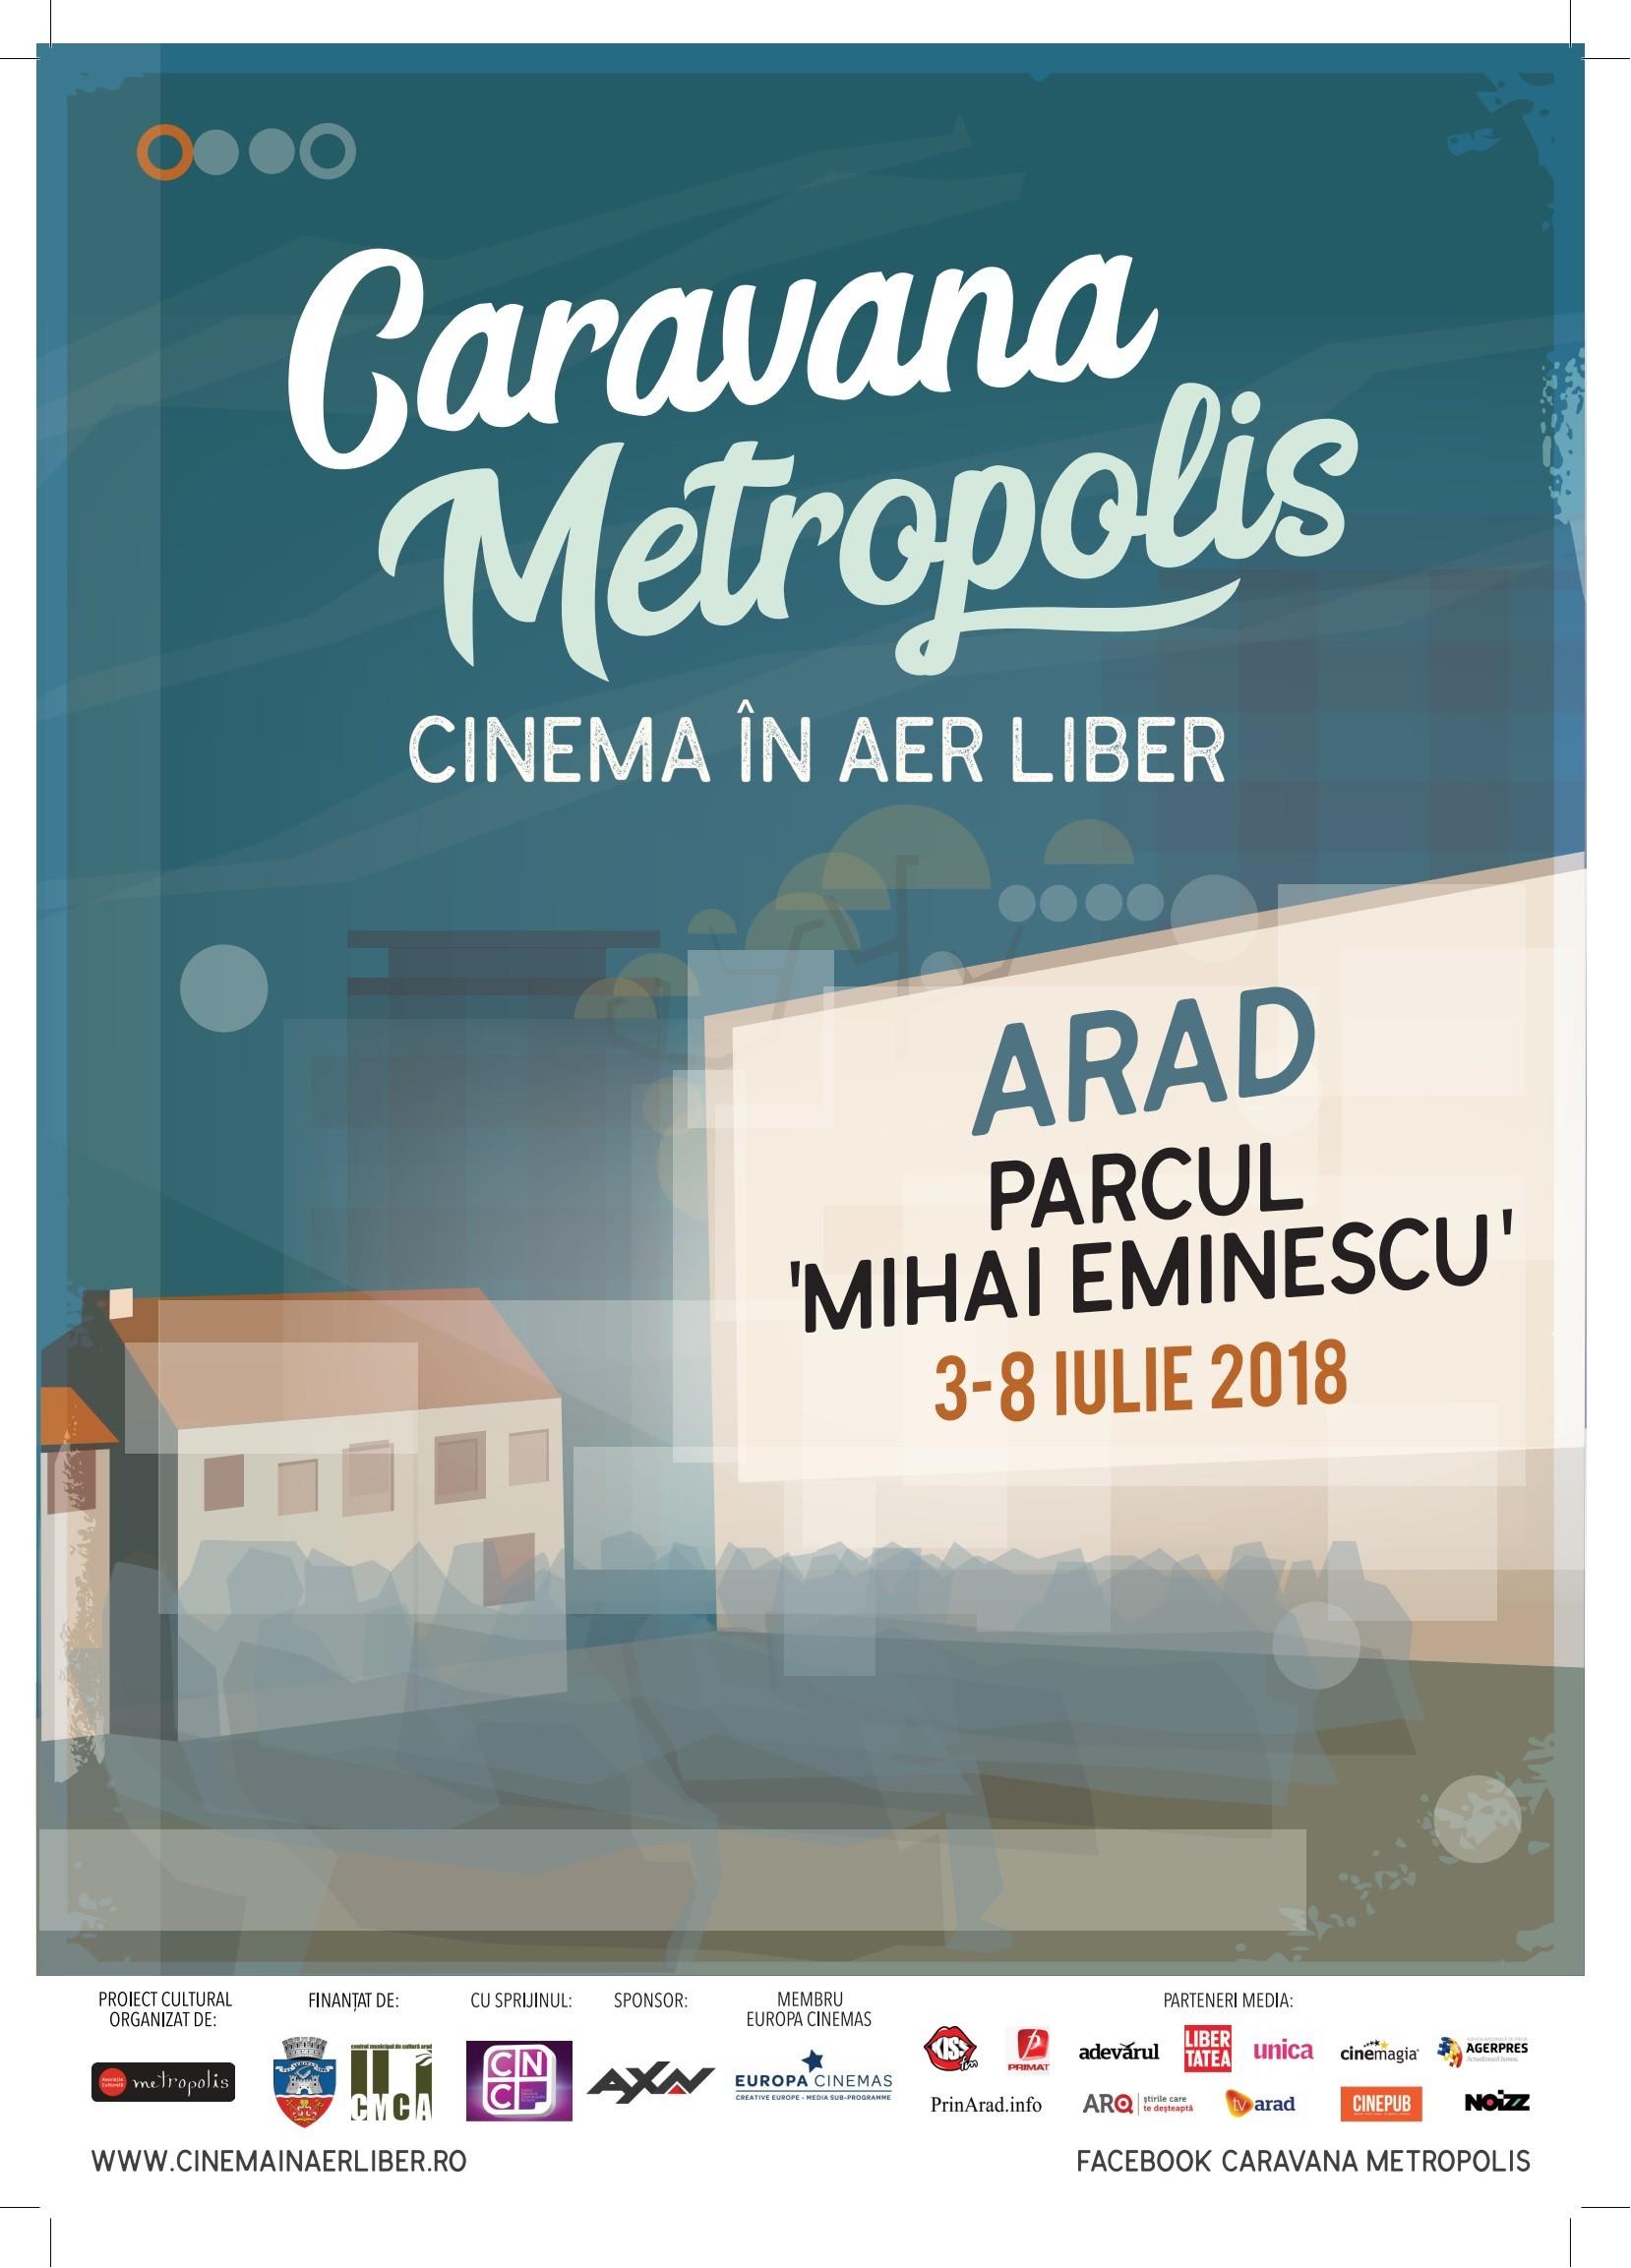 Caravana Metropolis în perioada 3-8 iulie, în Parcul Eminescu.